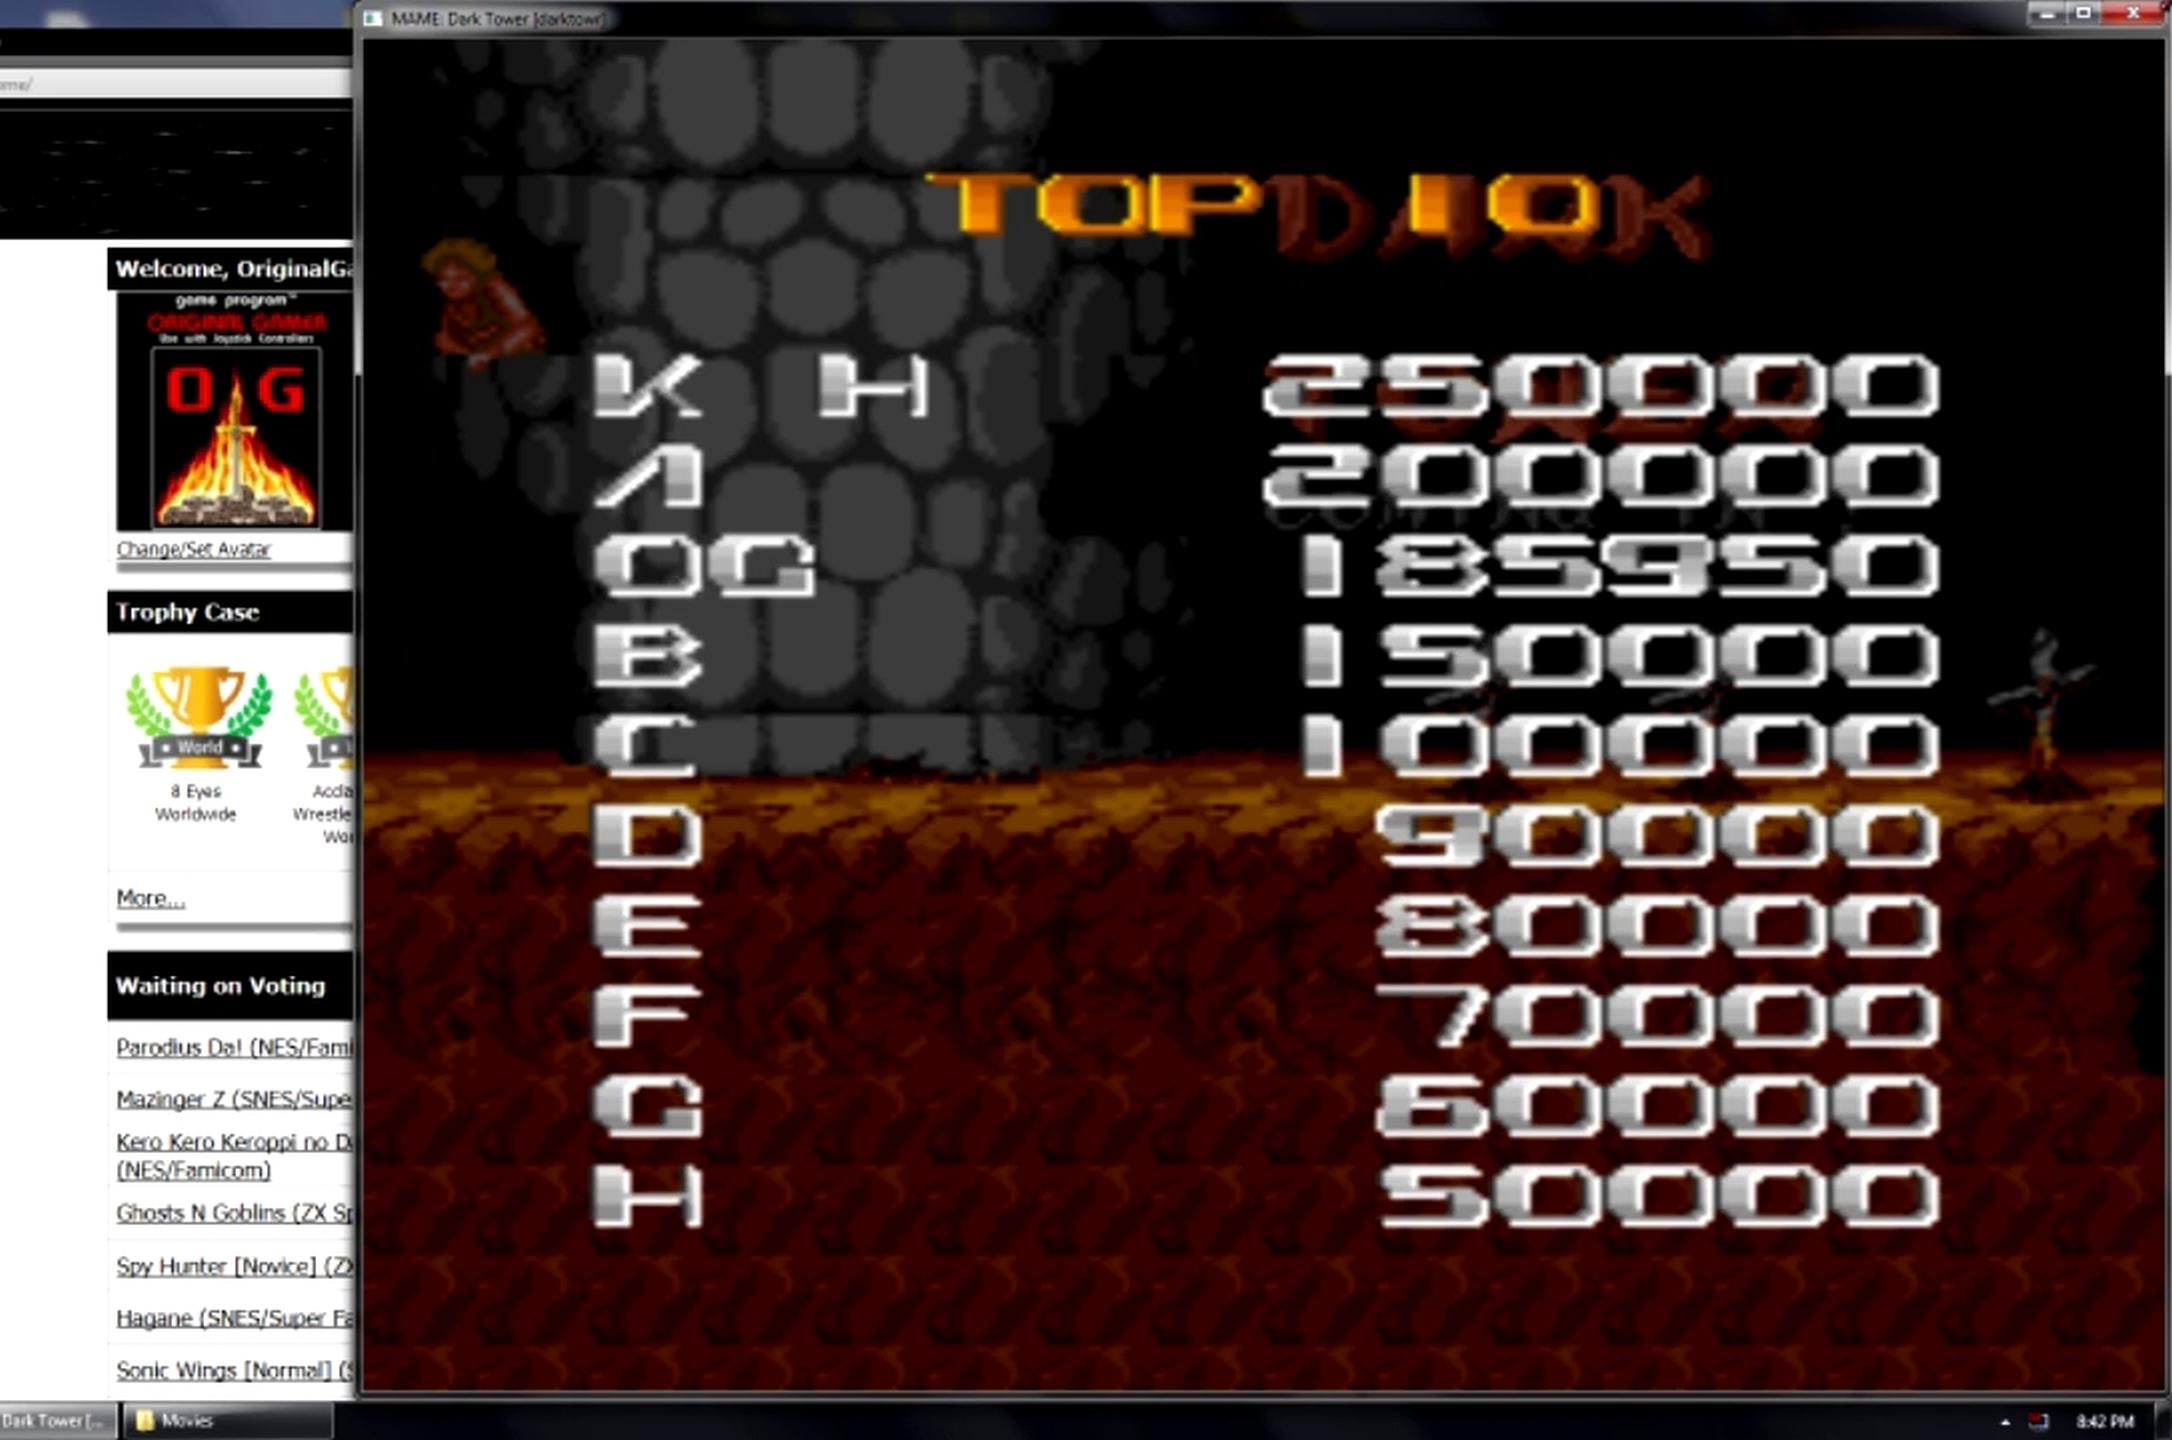 Dark Tower 185,950 points